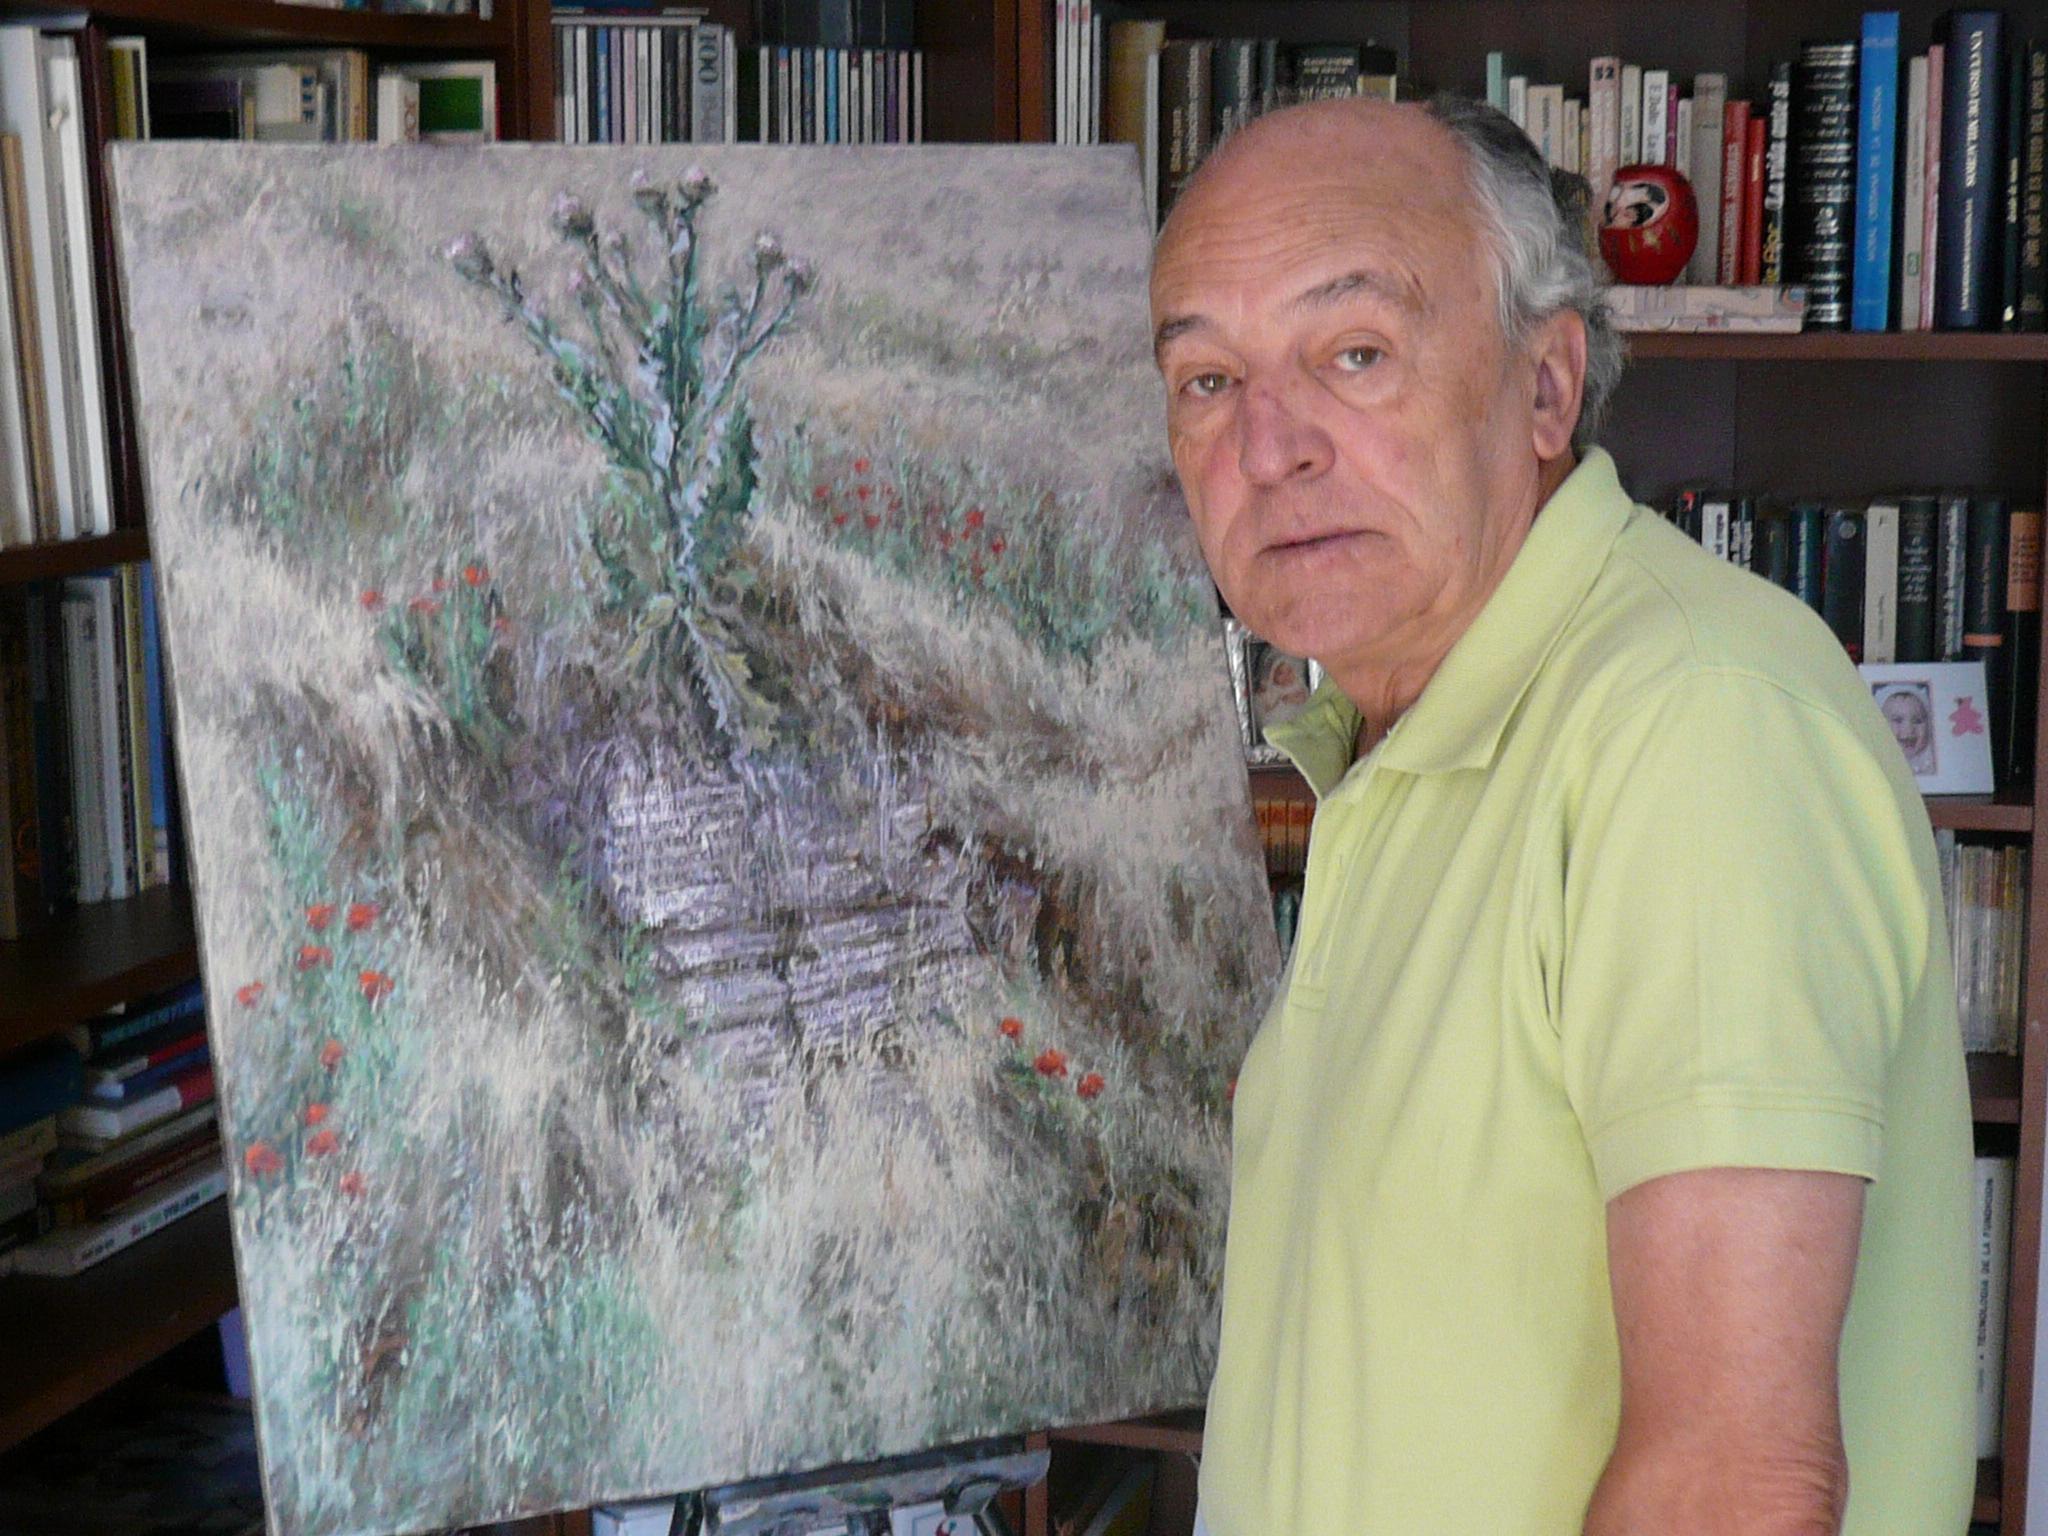 http://miguelangelvelascodiez.blogspot.com.es/